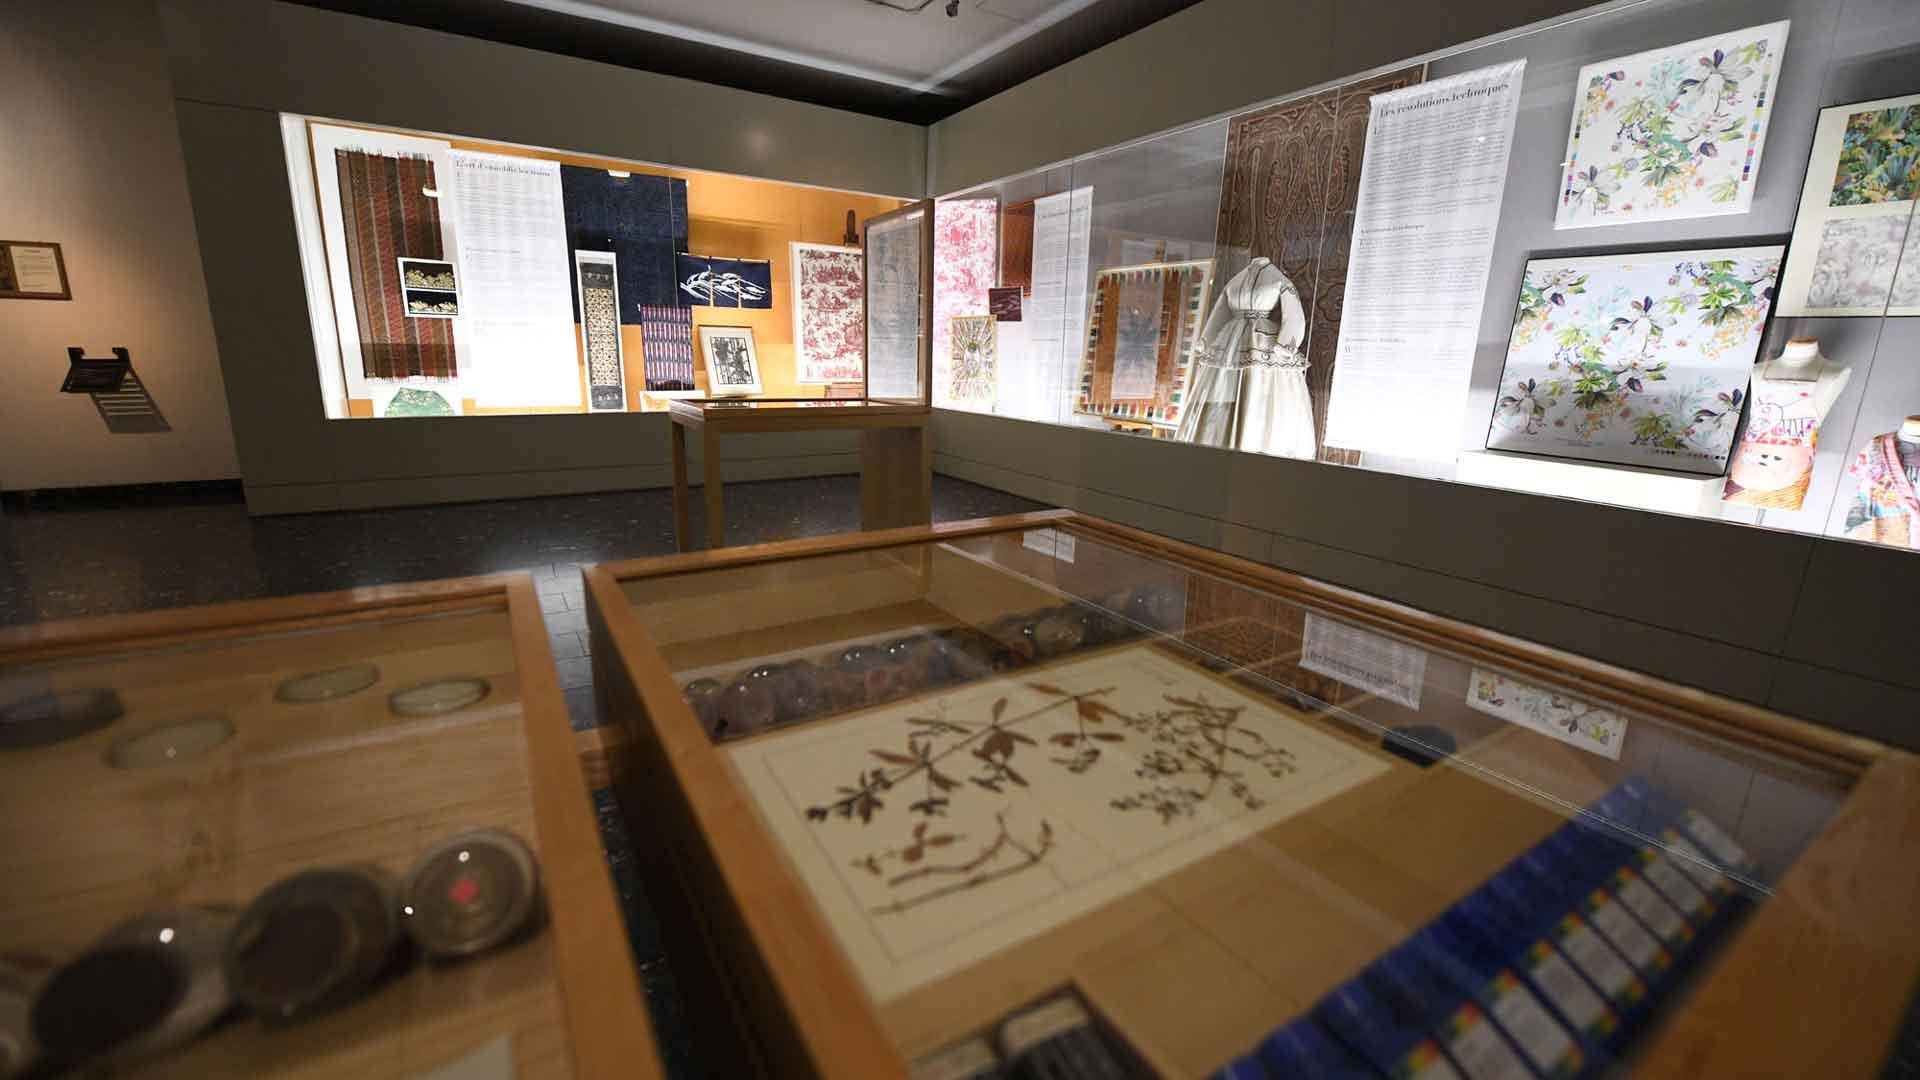 Le Mise s'ouvre aux visiteurs sur l'histoire des indiennes, dans un espace réaménagé.